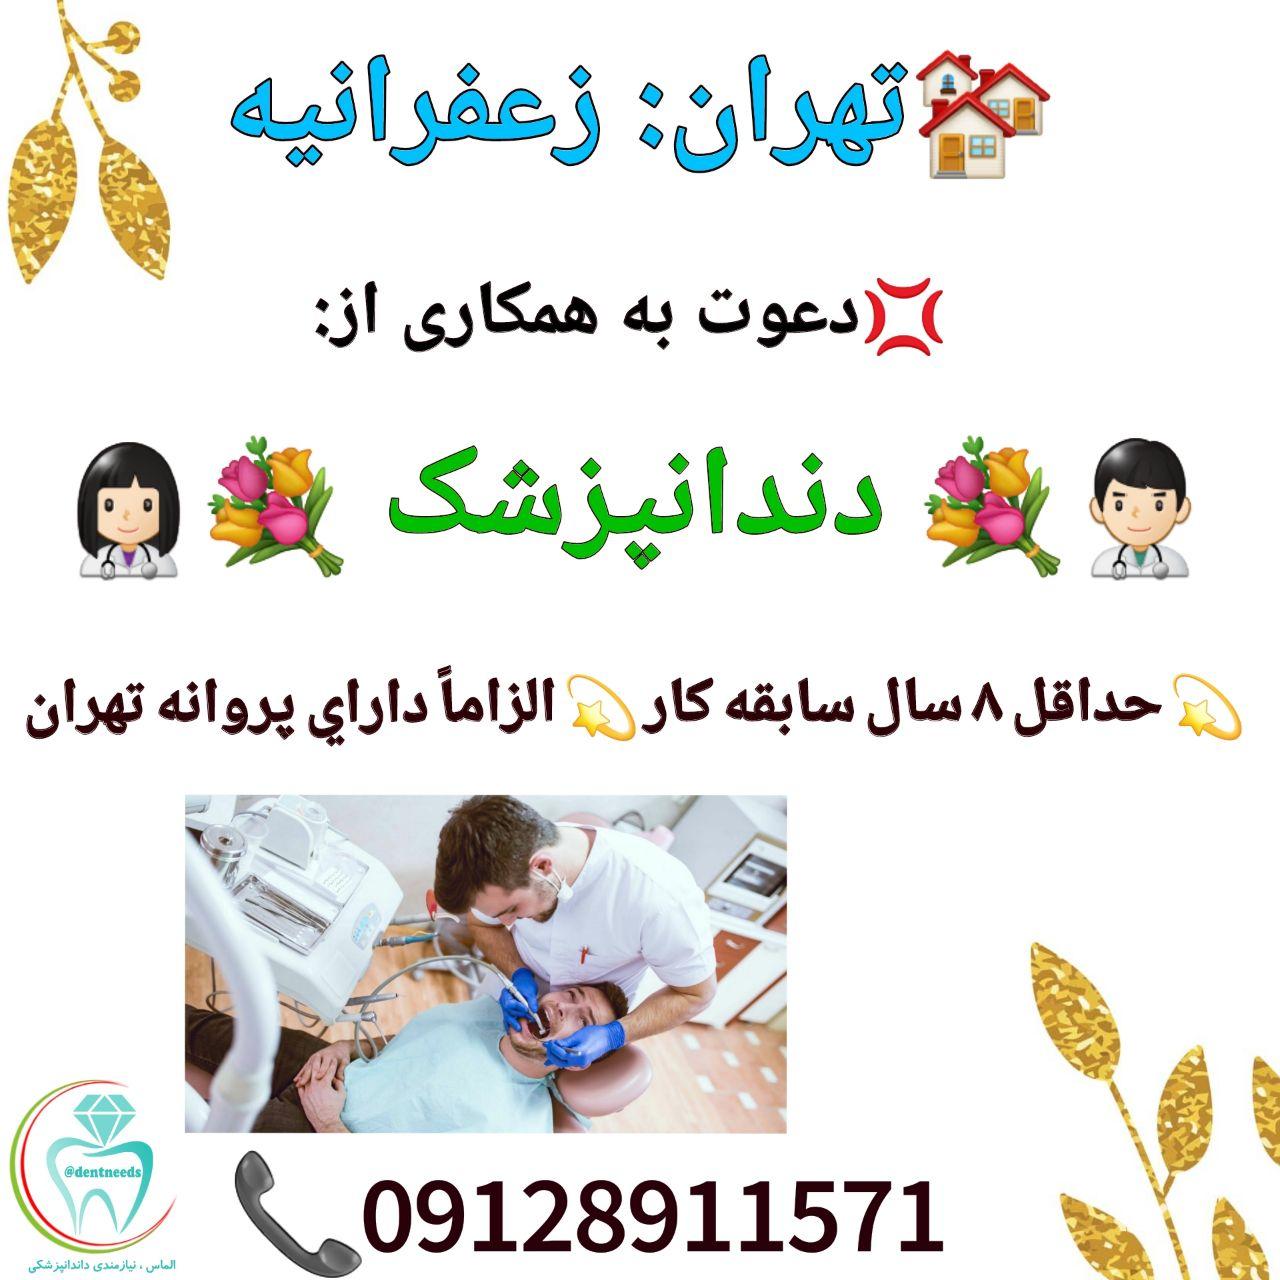 تهران: زعفرانیه، نیاز به دندانپزشک